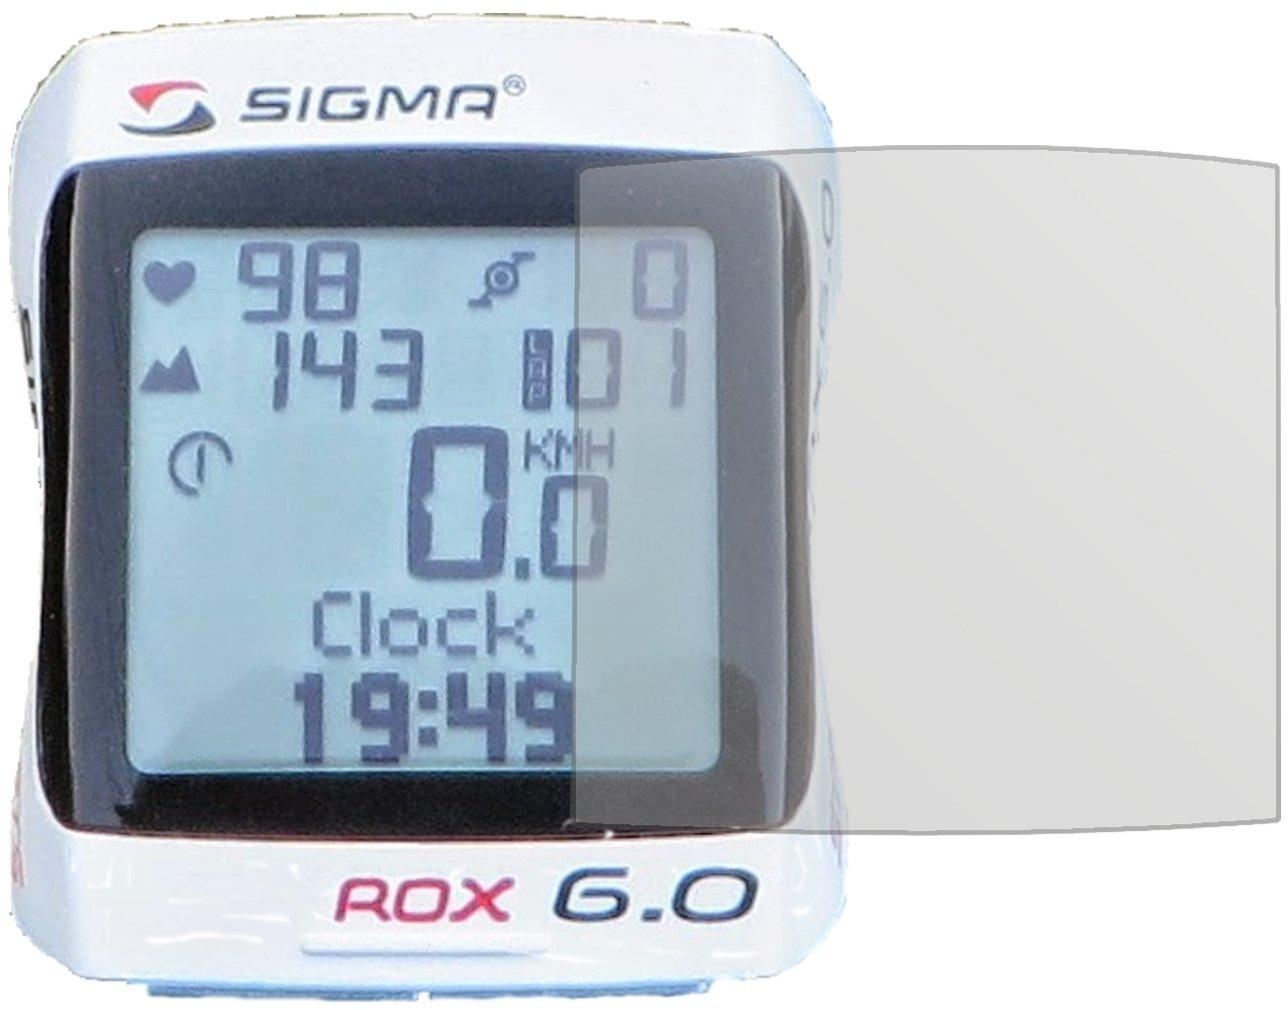 Sigma Pièces Docking Station pour ROX Noir